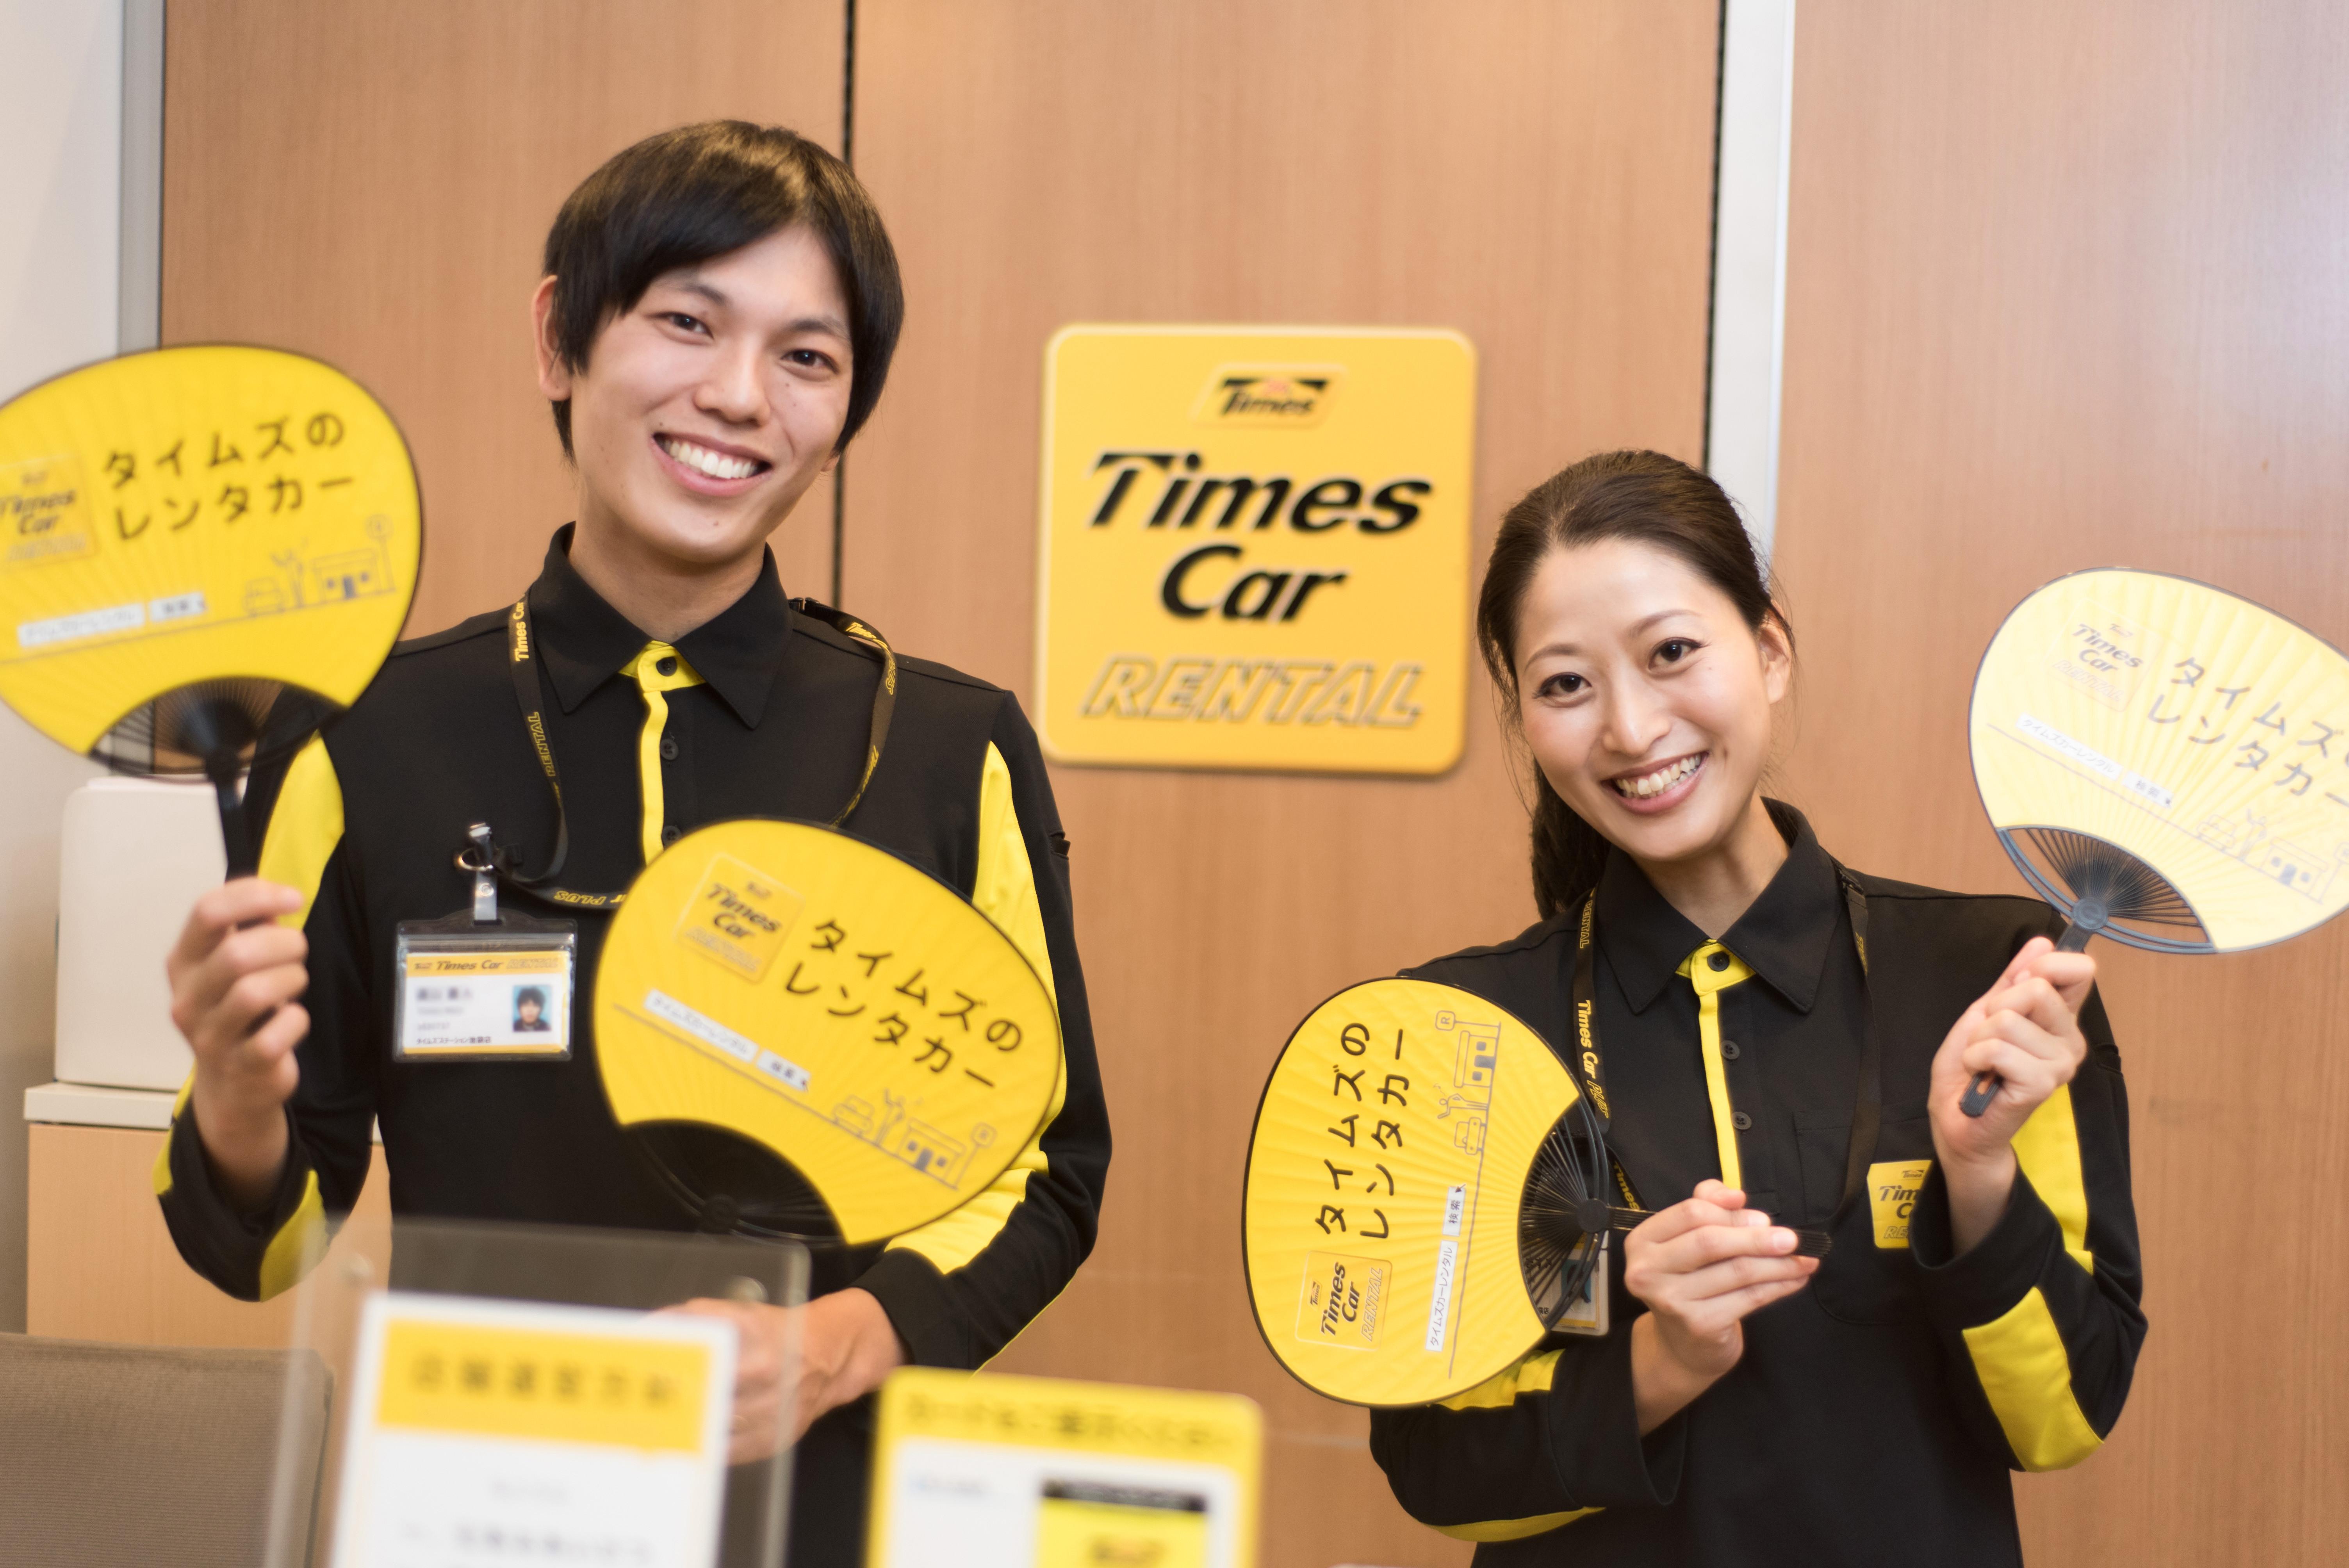 タイムズカーレンタル 呉駅前店 勤務時間指定シフトのアルバイト情報